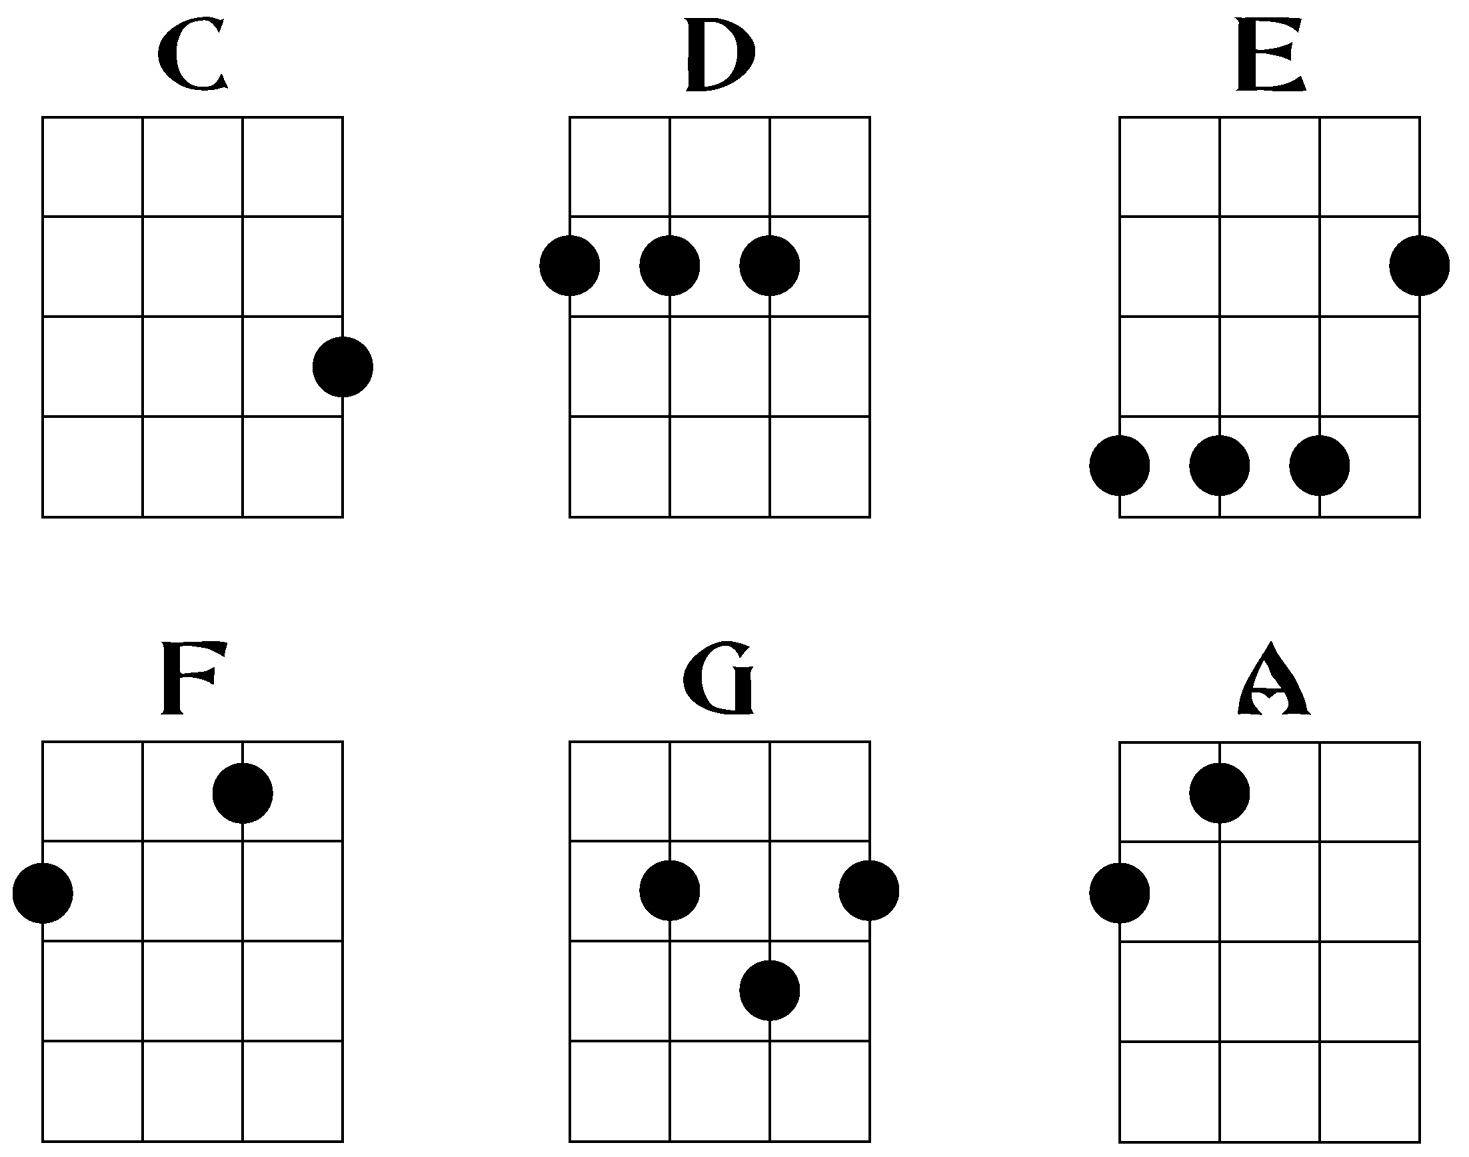 ukulele chords how to play ukulele austin bazaar music rh austinbazaar com Ukulele Strings Tuning Ukulele Circuits and Strings